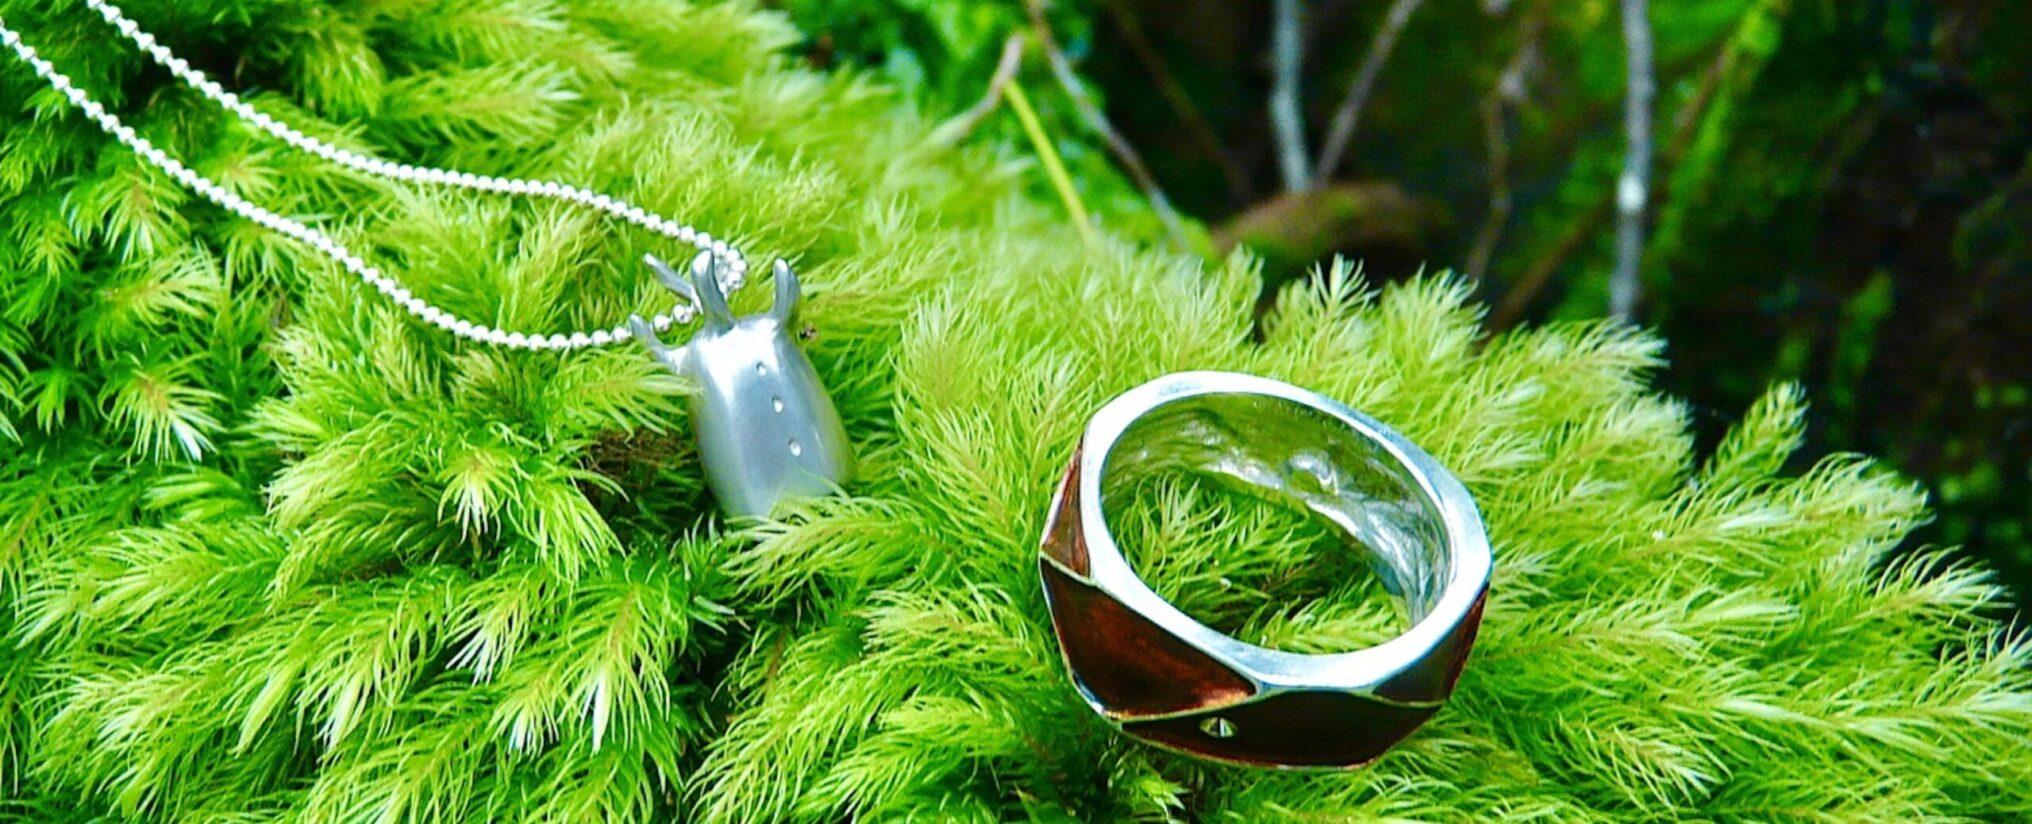 苔の上にシルバーネックレスと漆の指輪